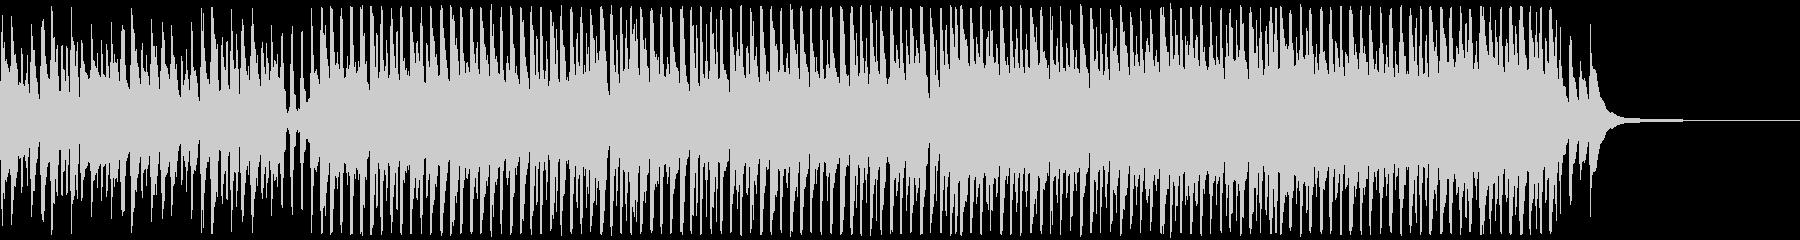 【1分版】アップテンポなコンセプトムービの未再生の波形